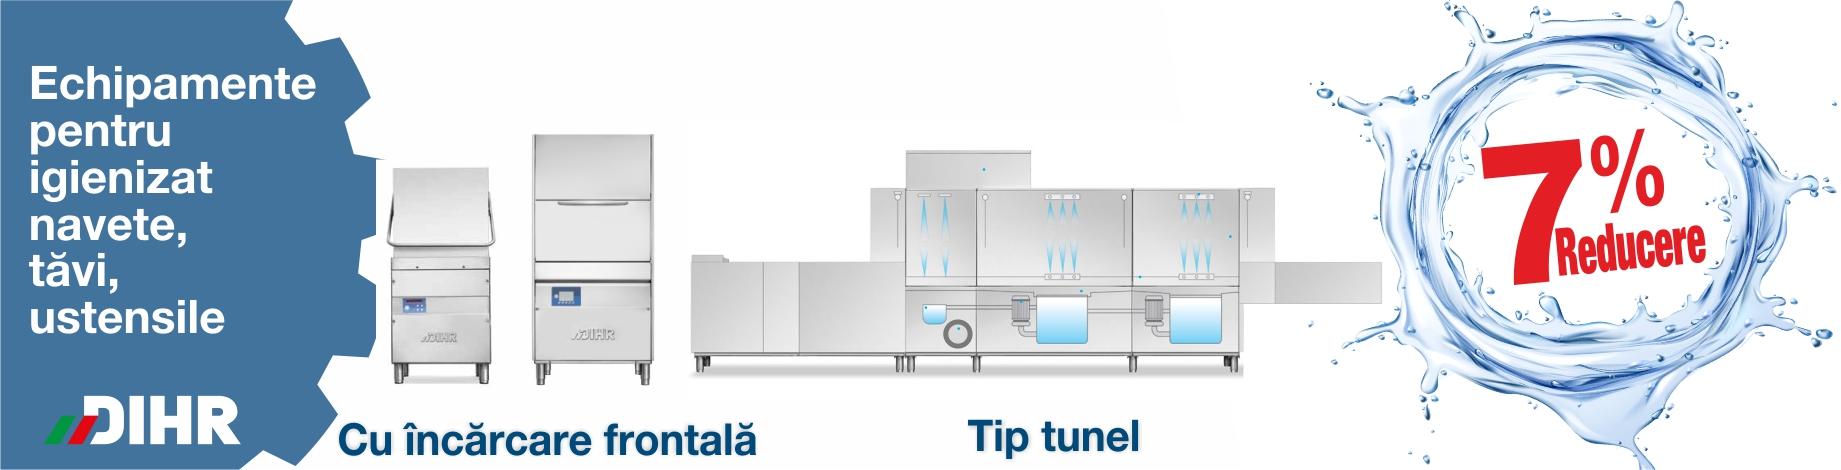 7% REDUCERE  la echipamentele pentru igienizat